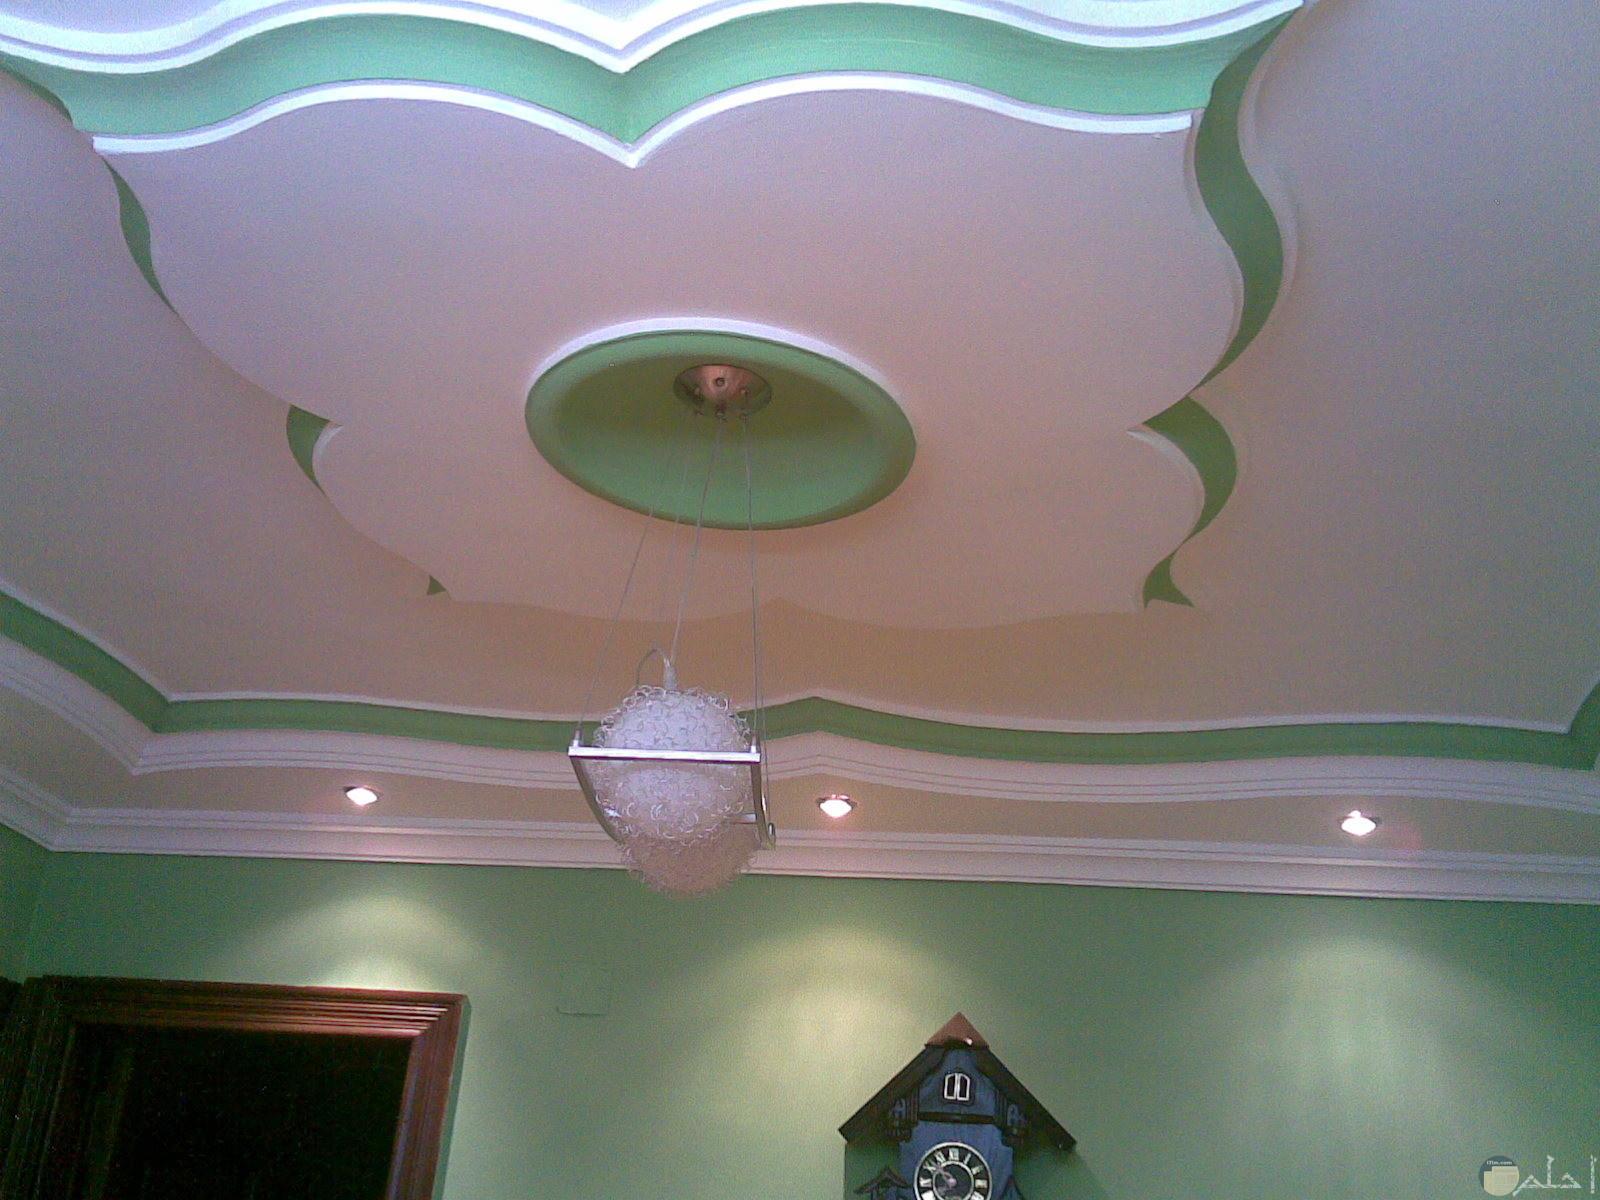 سقف من الاسمنت علي شكل ورده ابيض في اخضر وبالنصف نجفه بيضاء